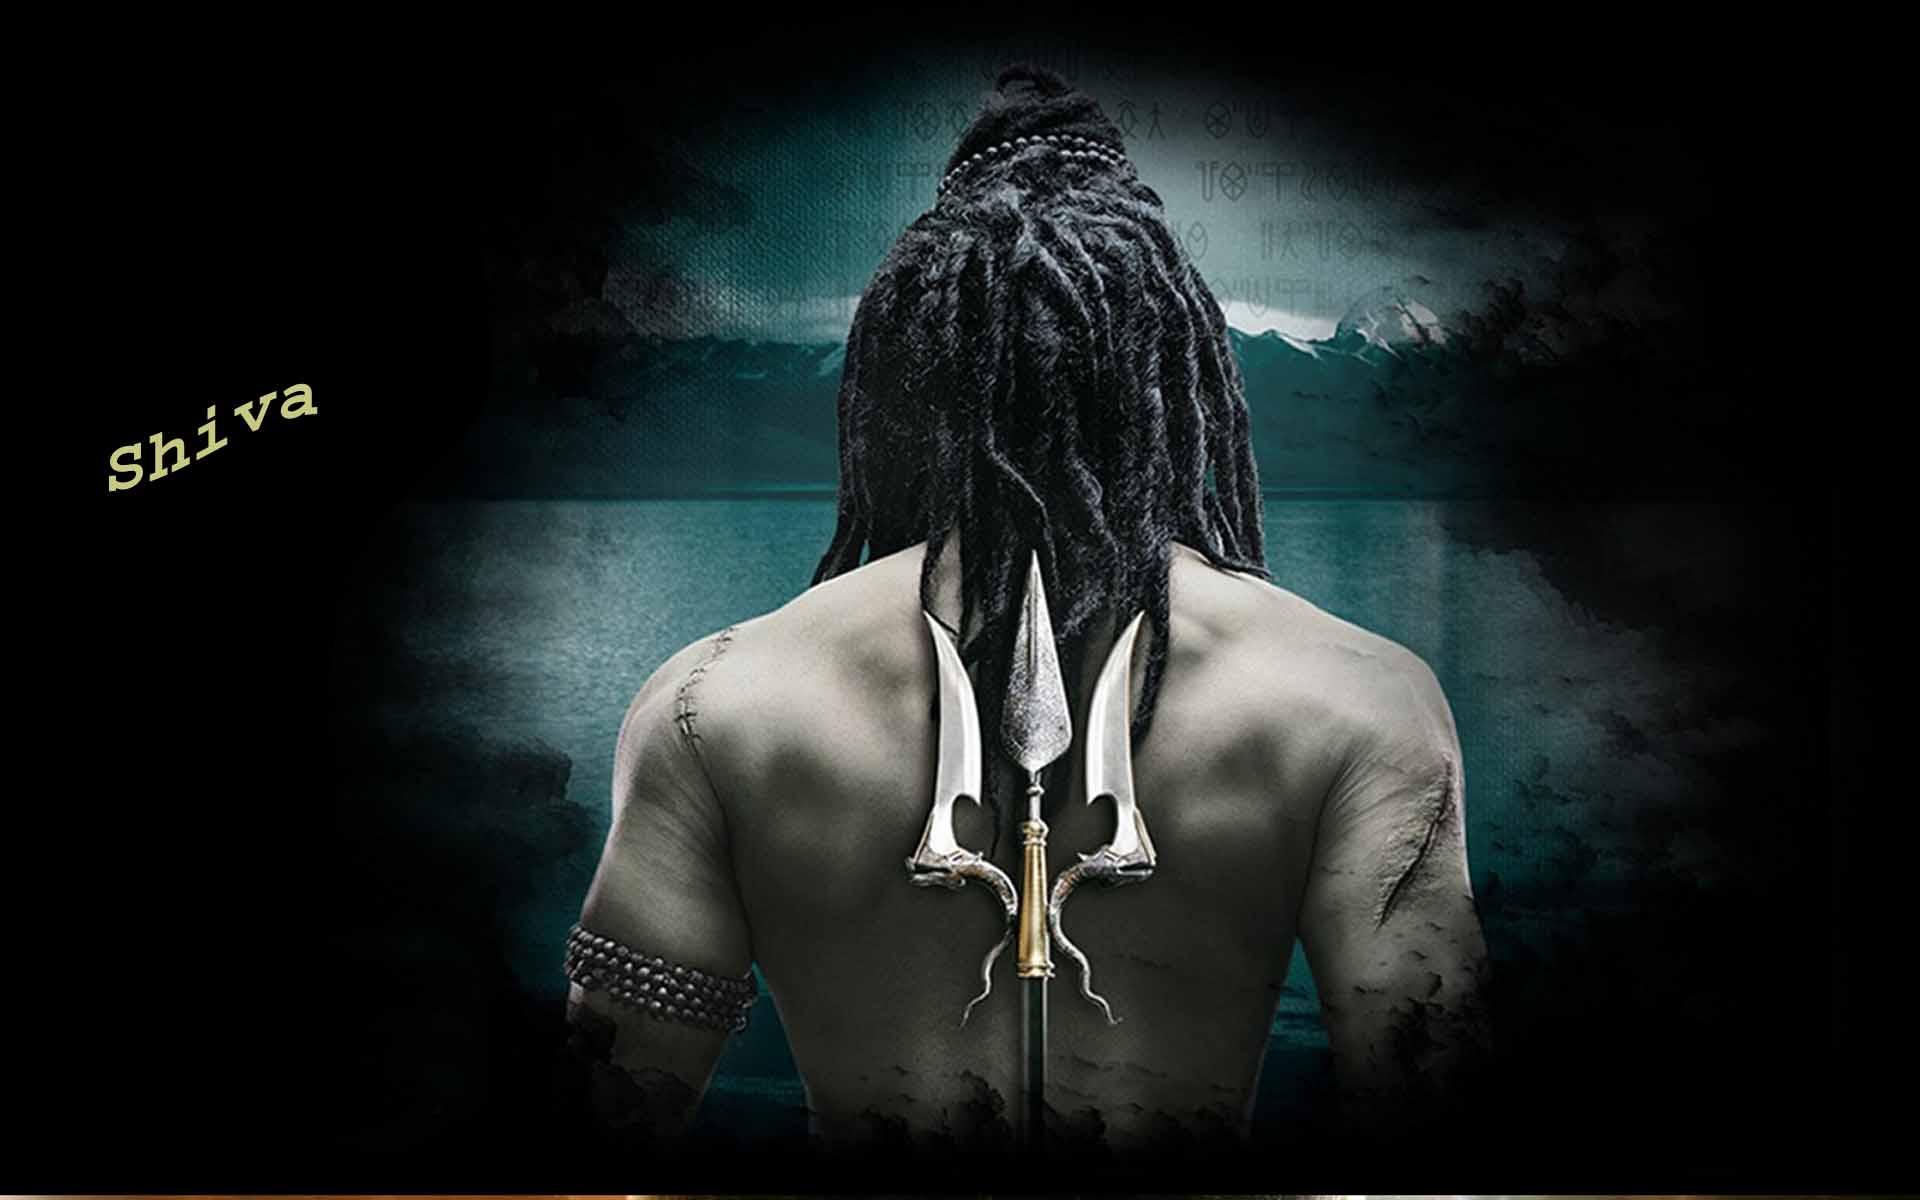 Top Wallpaper Angry Shiva - God-Shiva-Best-Beautiful-Graphic-hd-wallpapers-Pics  Picture_161612      .jpg?w\u003d1056\u0026h\u003d1056\u0026crop\u003d1